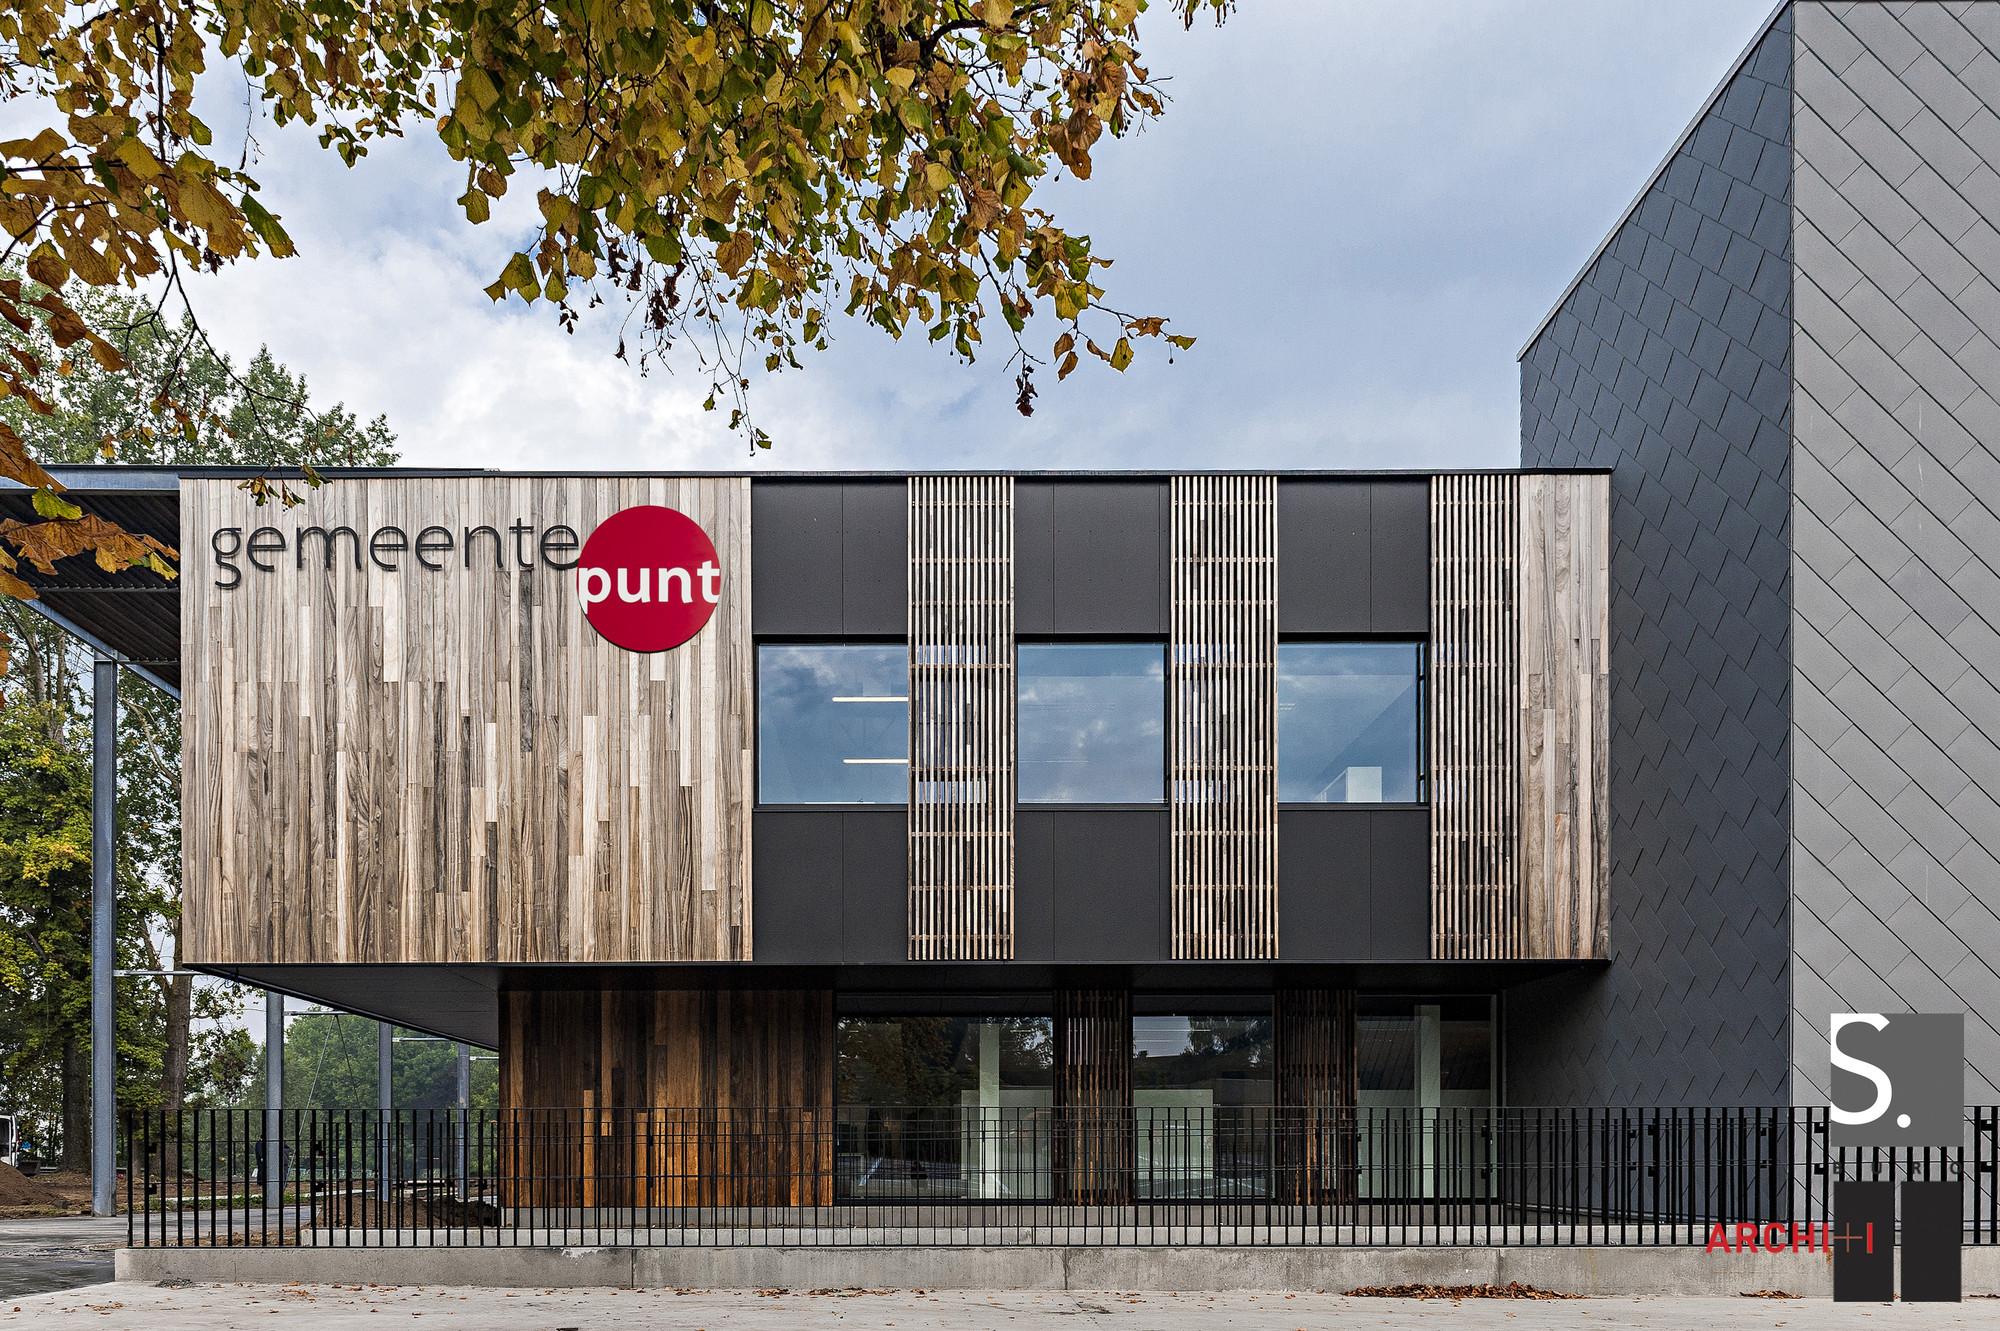 Administrative Centre Zwevegem / BURO II & ARCHI + I and Sileghem & Partners, © Klaas Verdru